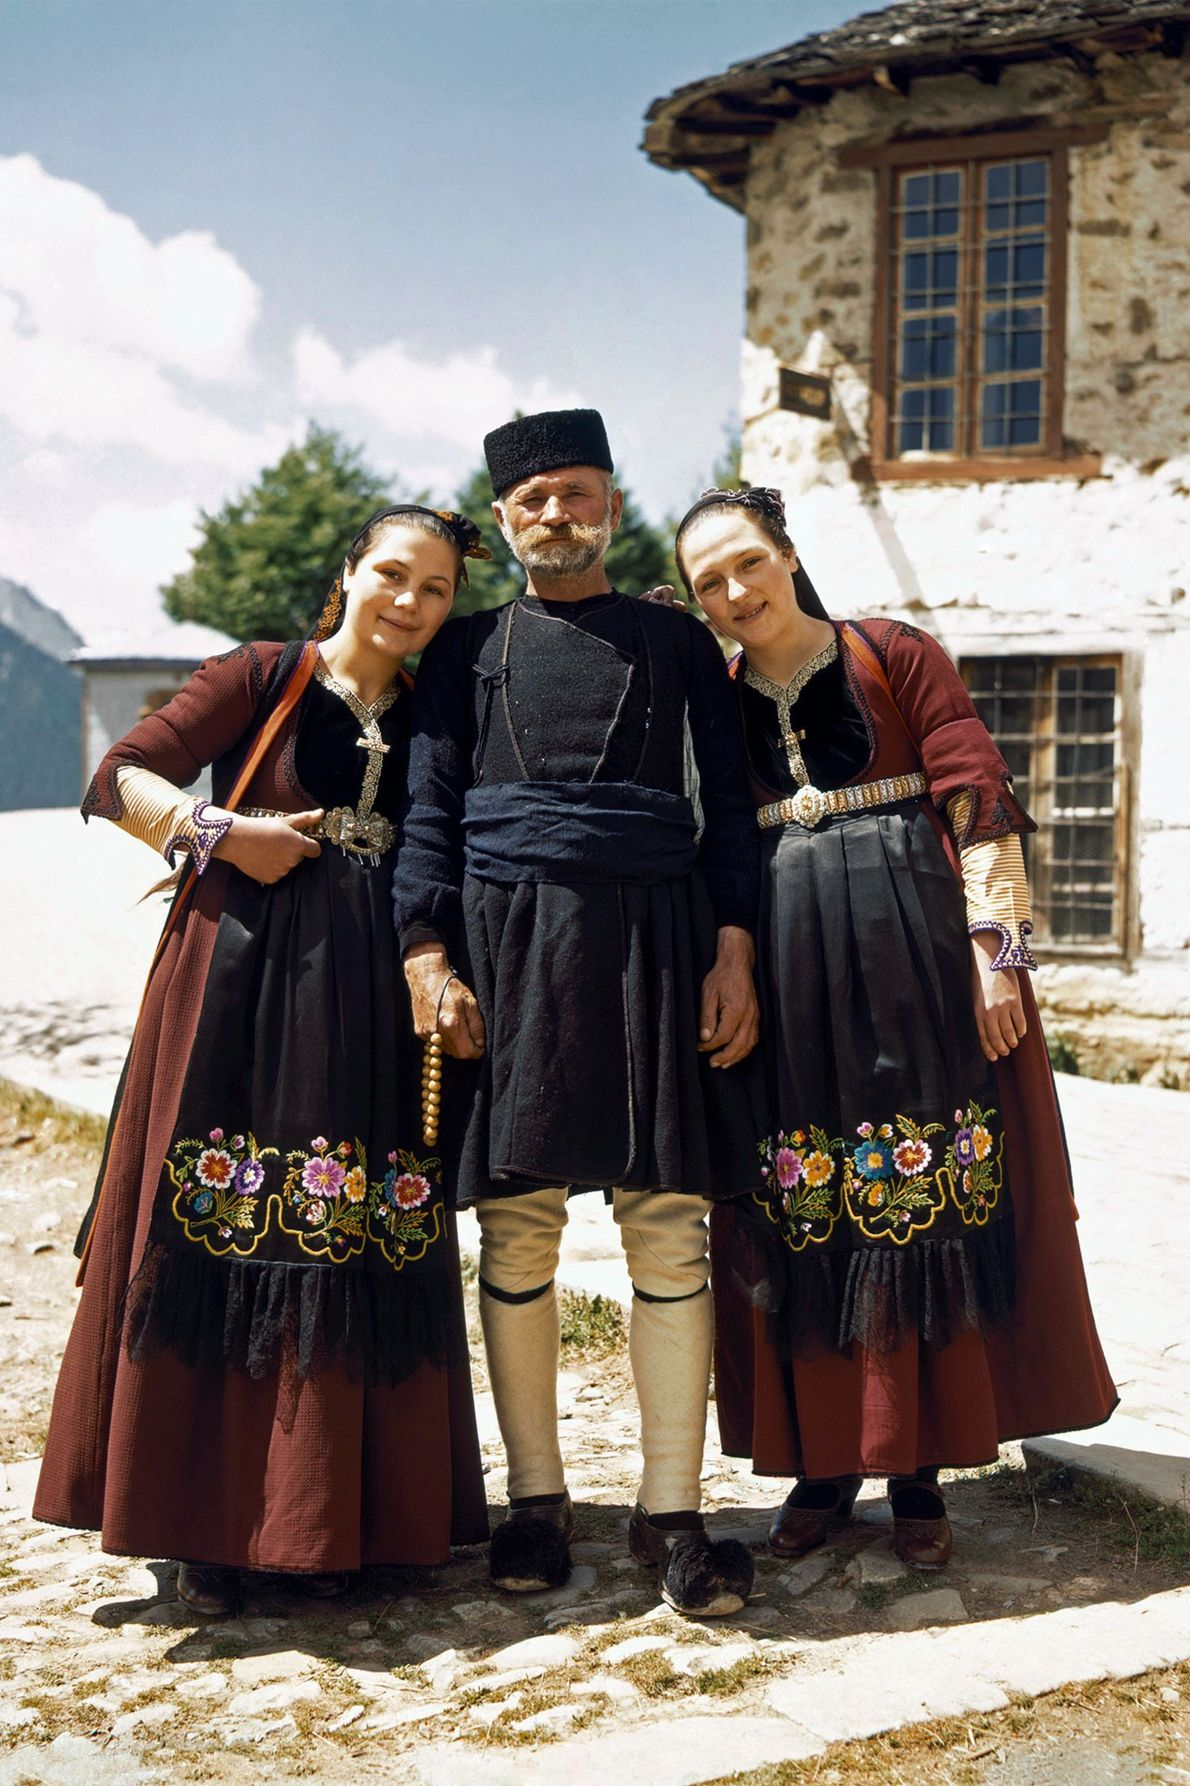 Vêtues de leur tenue traditionnelle, ces deux filles posent aux côtés de leur père, un berger, ...